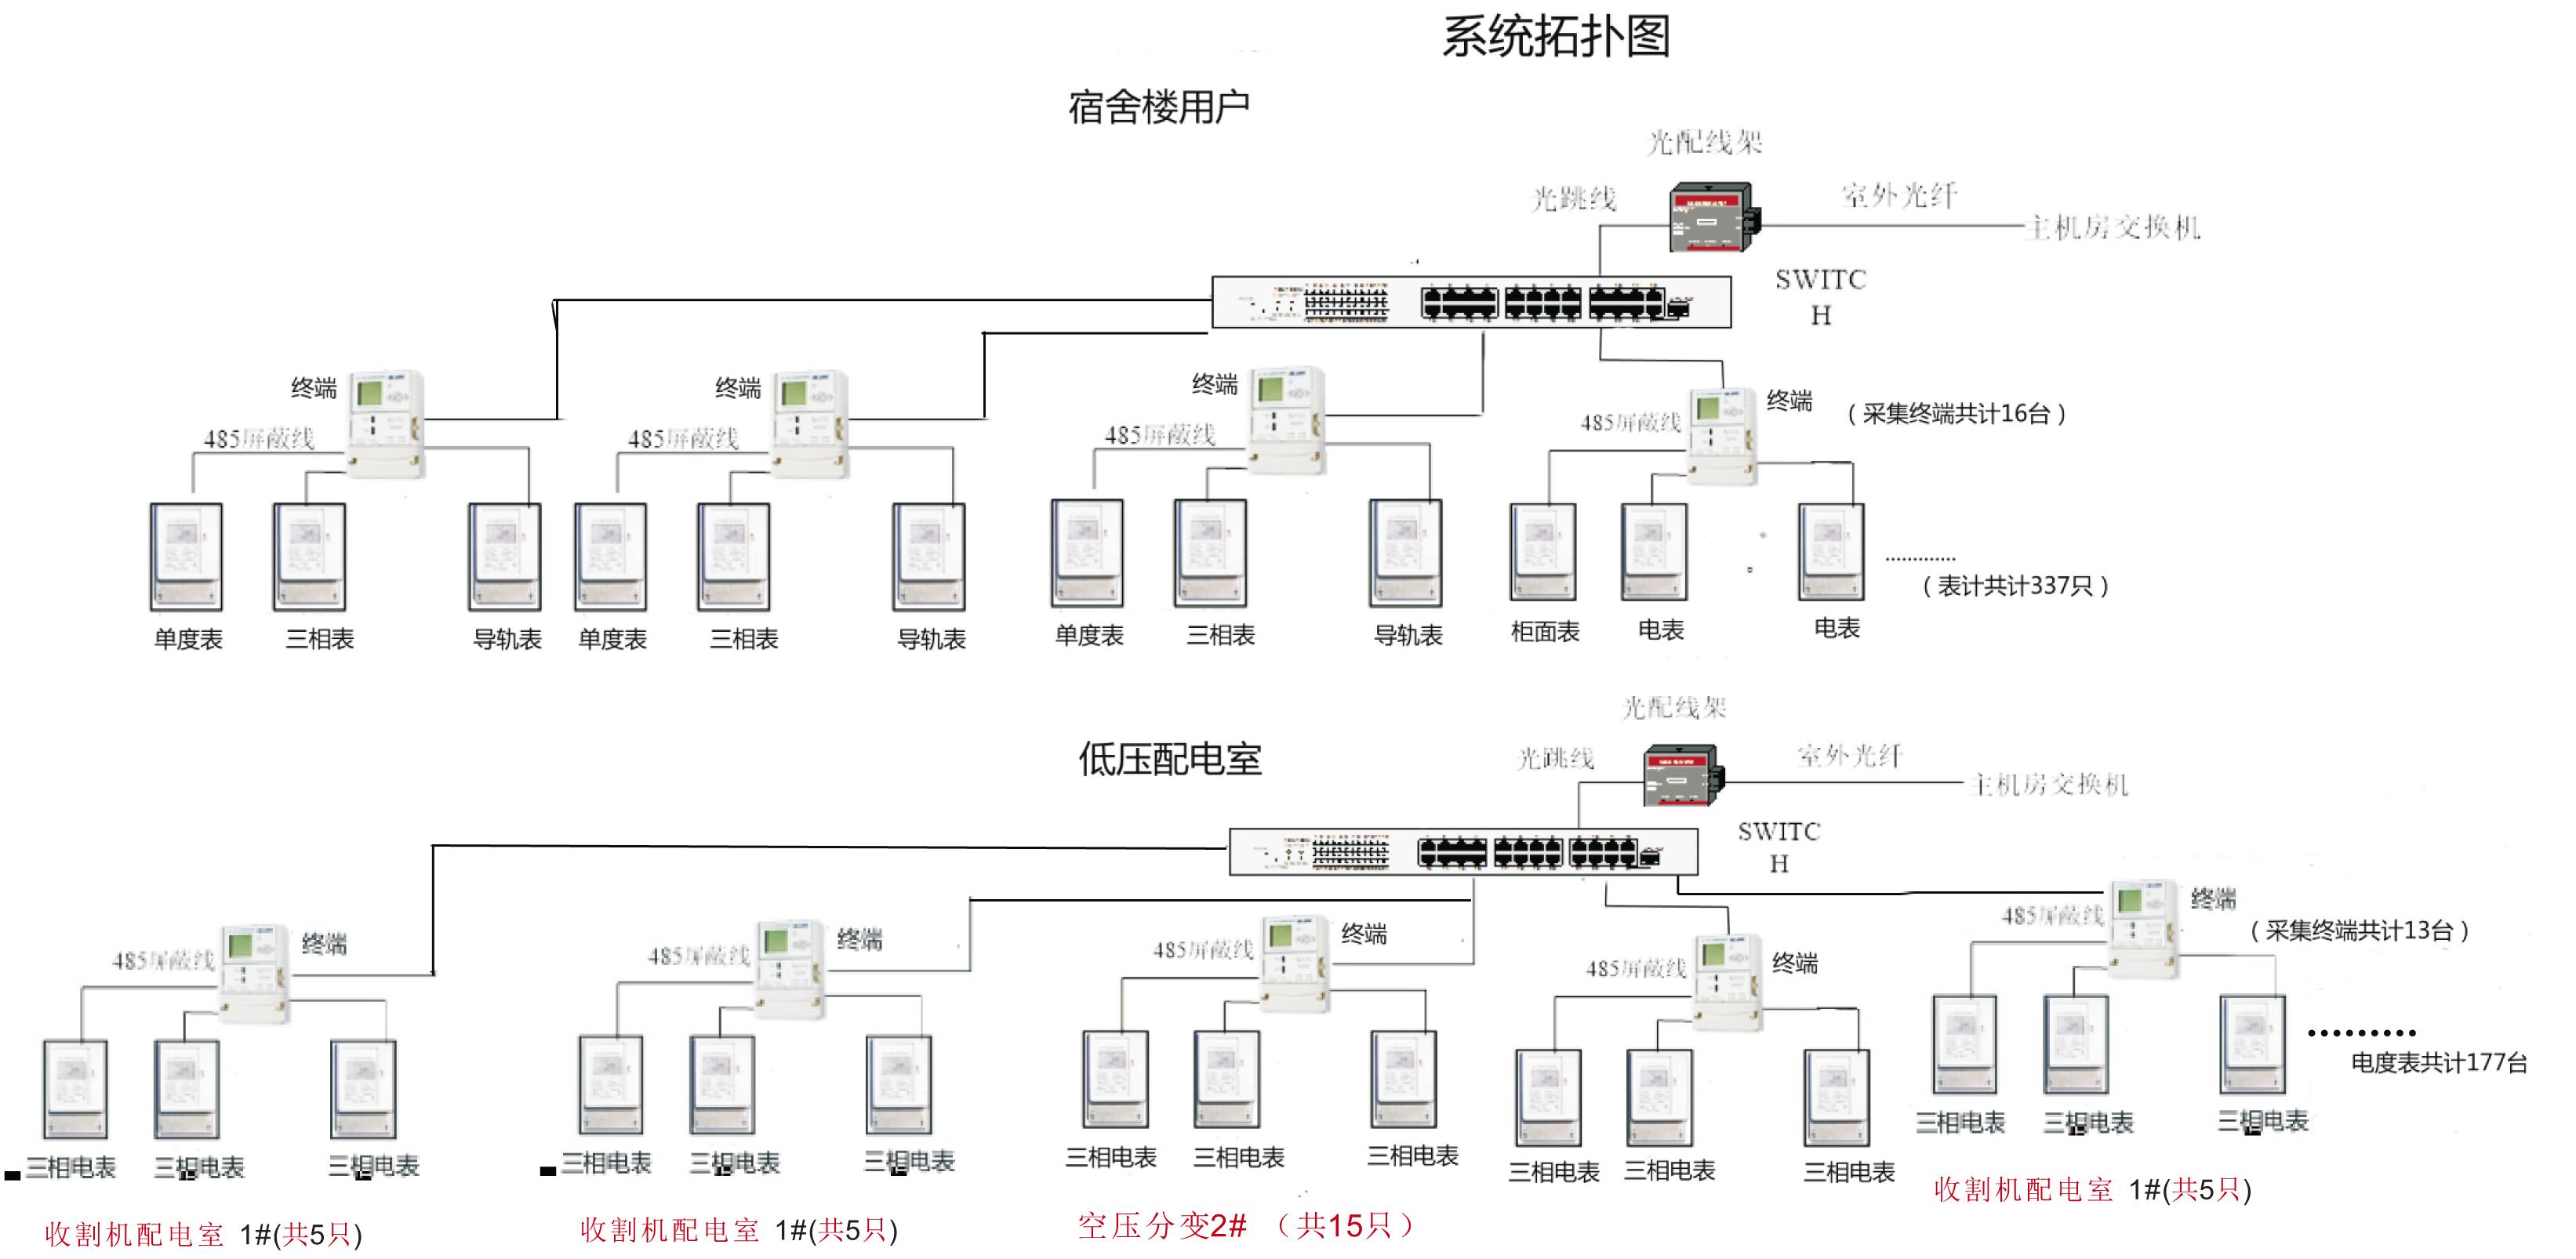 智能电表远程抄表系统软件管理方案